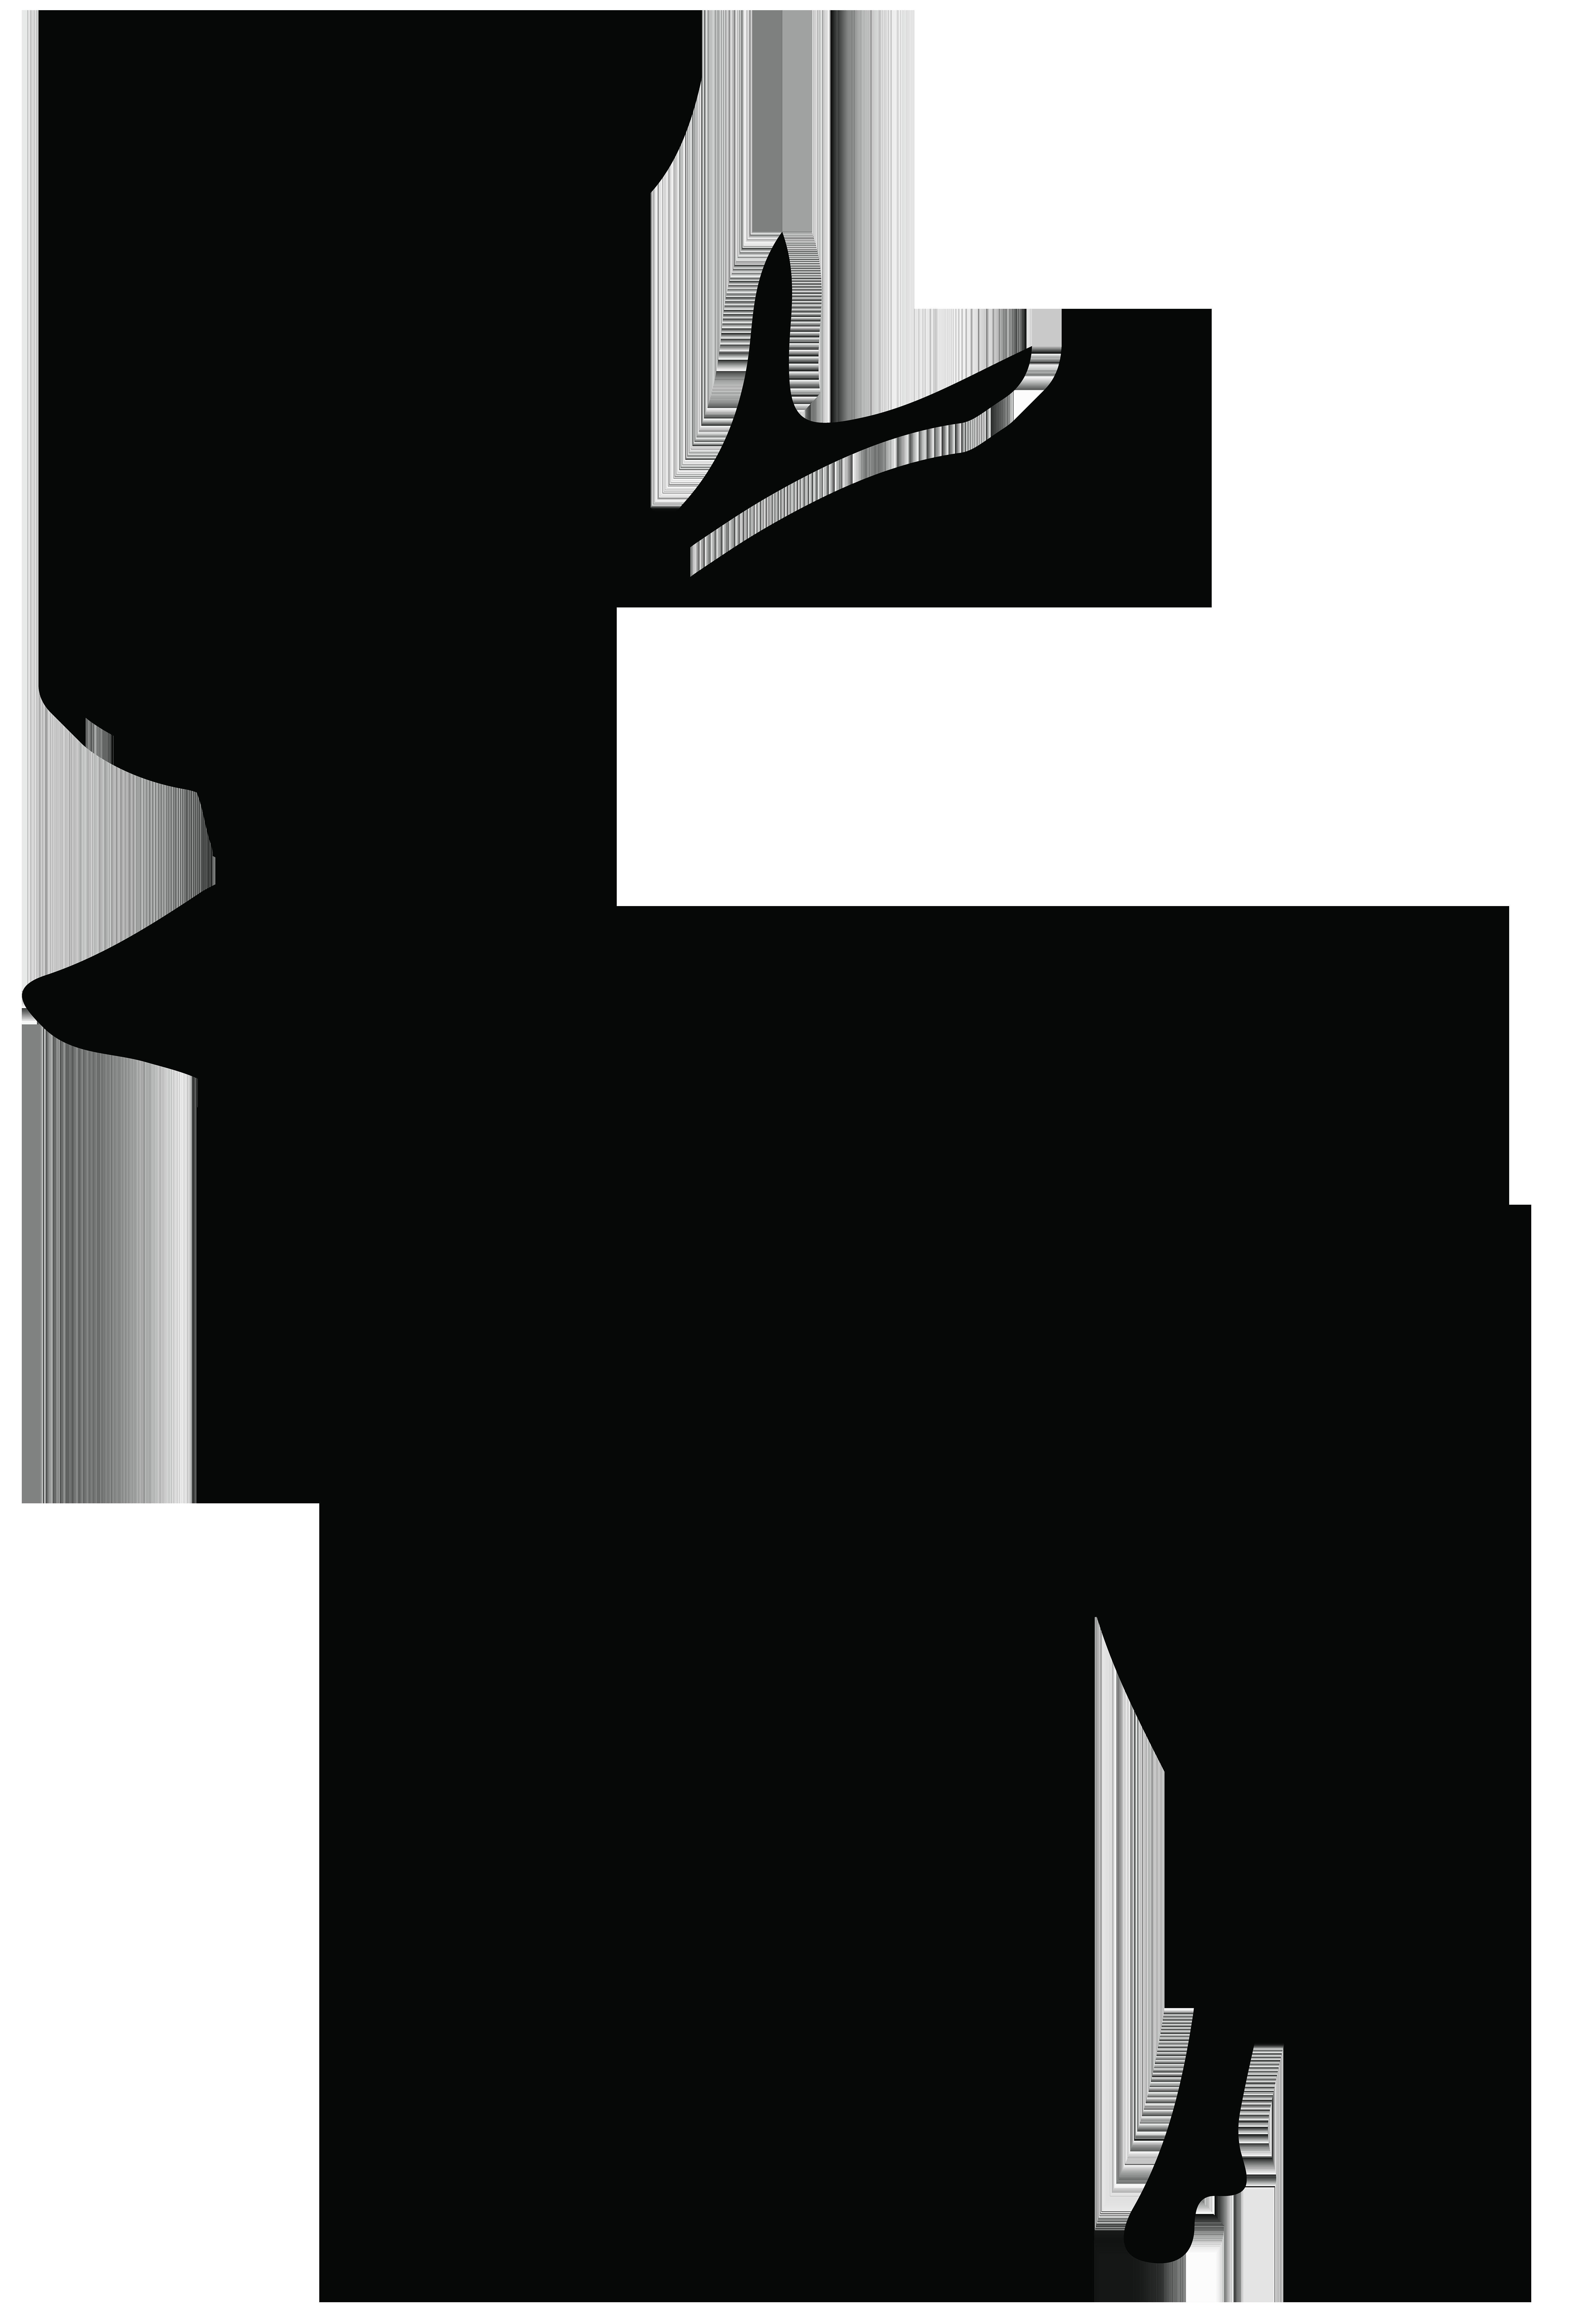 5487x8000 Deer Clipart Transparent